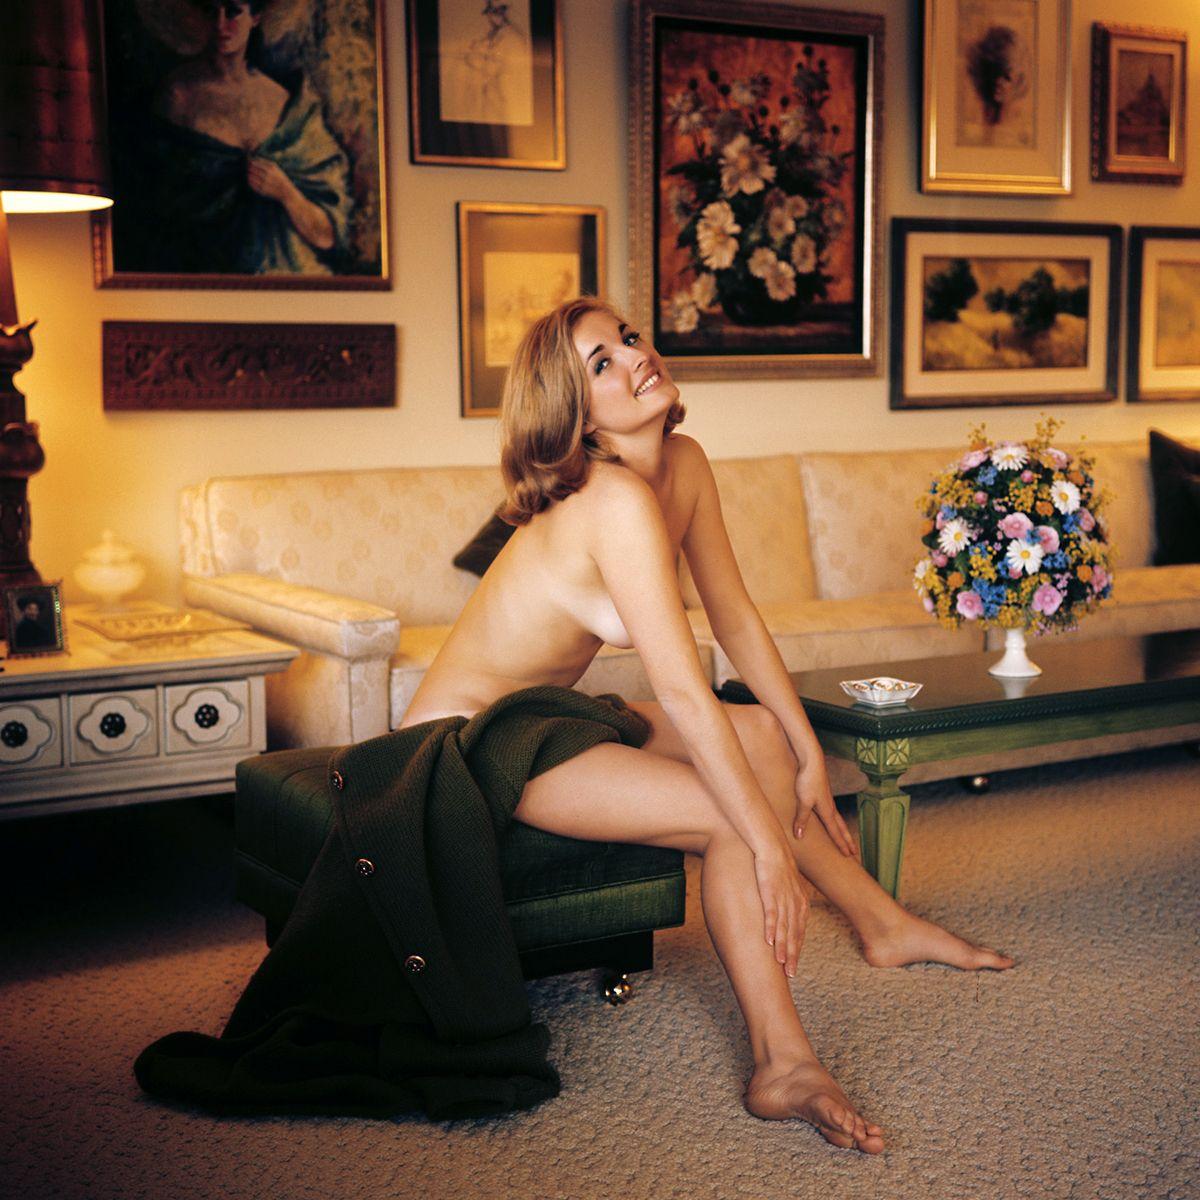 Full naked girls pics